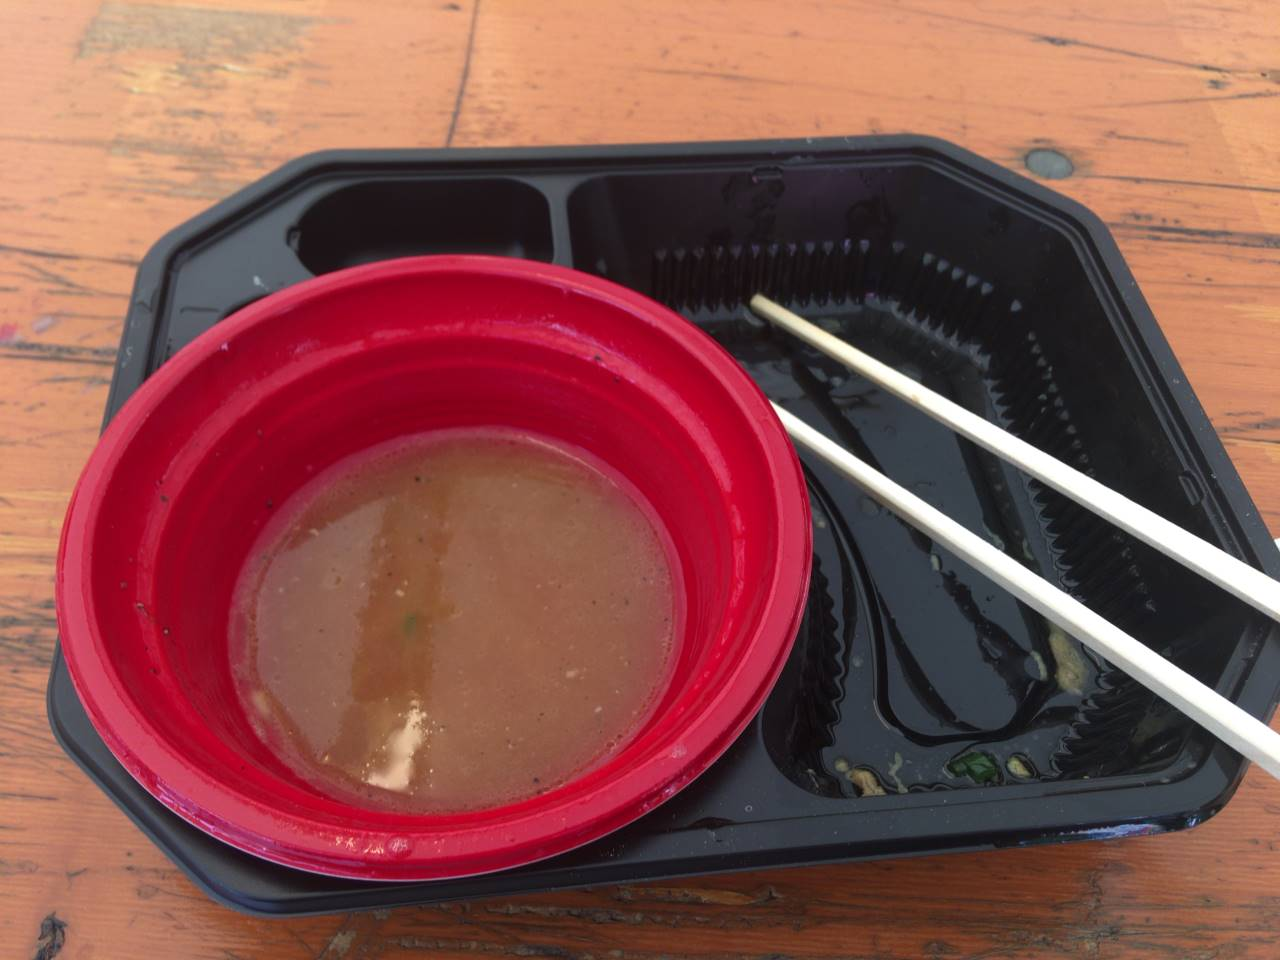 スープ割終盤:竹末食堂 大つけ麺博2019のつけ麺 ℃濃厚帆立ソースの鶏つけ麺 トリュフの香りと共に